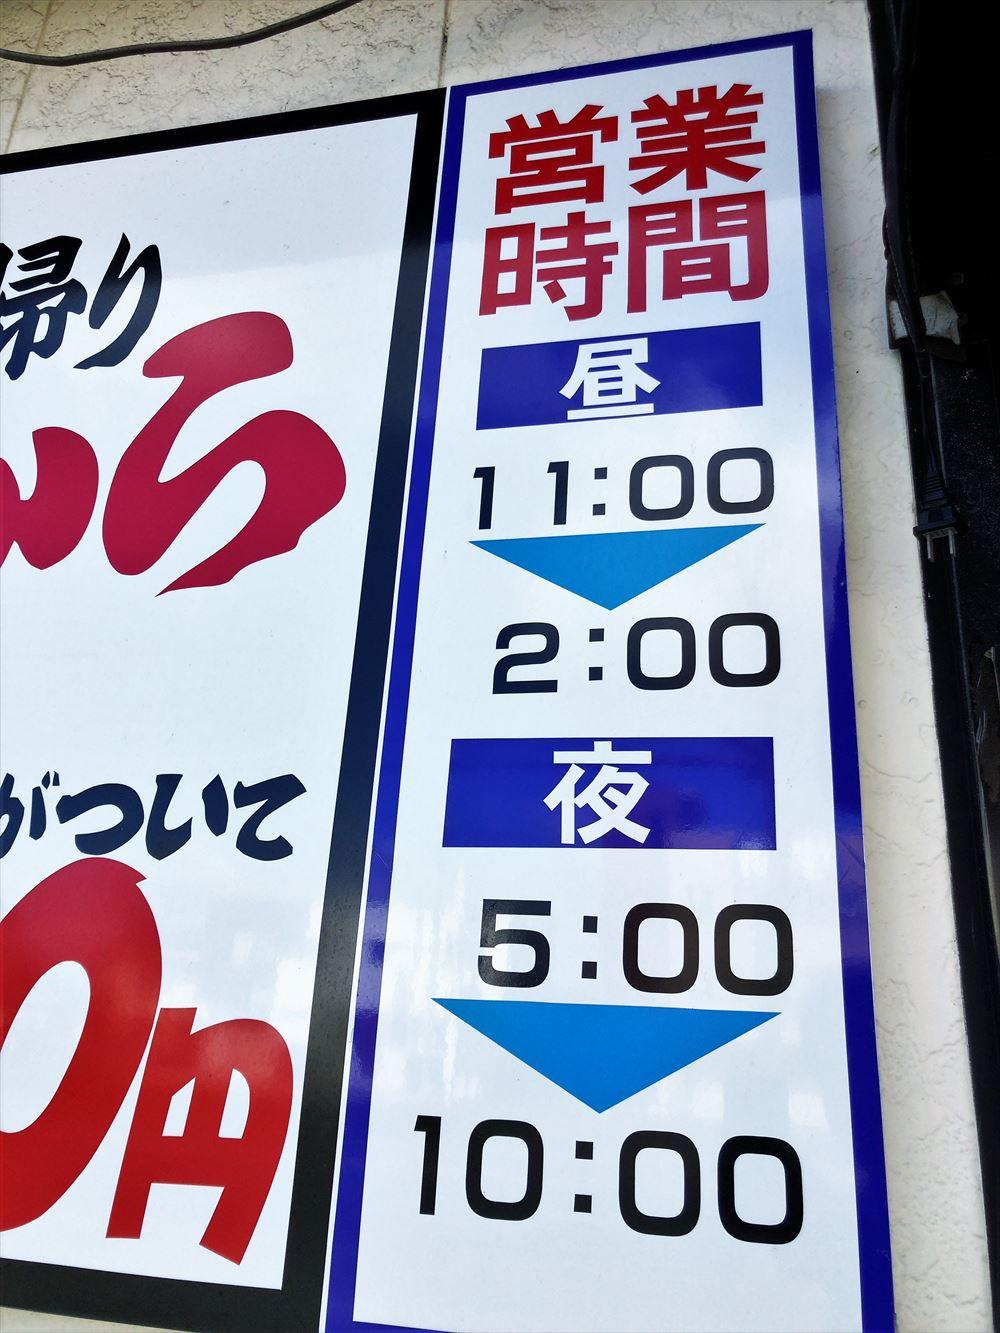 定食の店 五郎八の営業時間